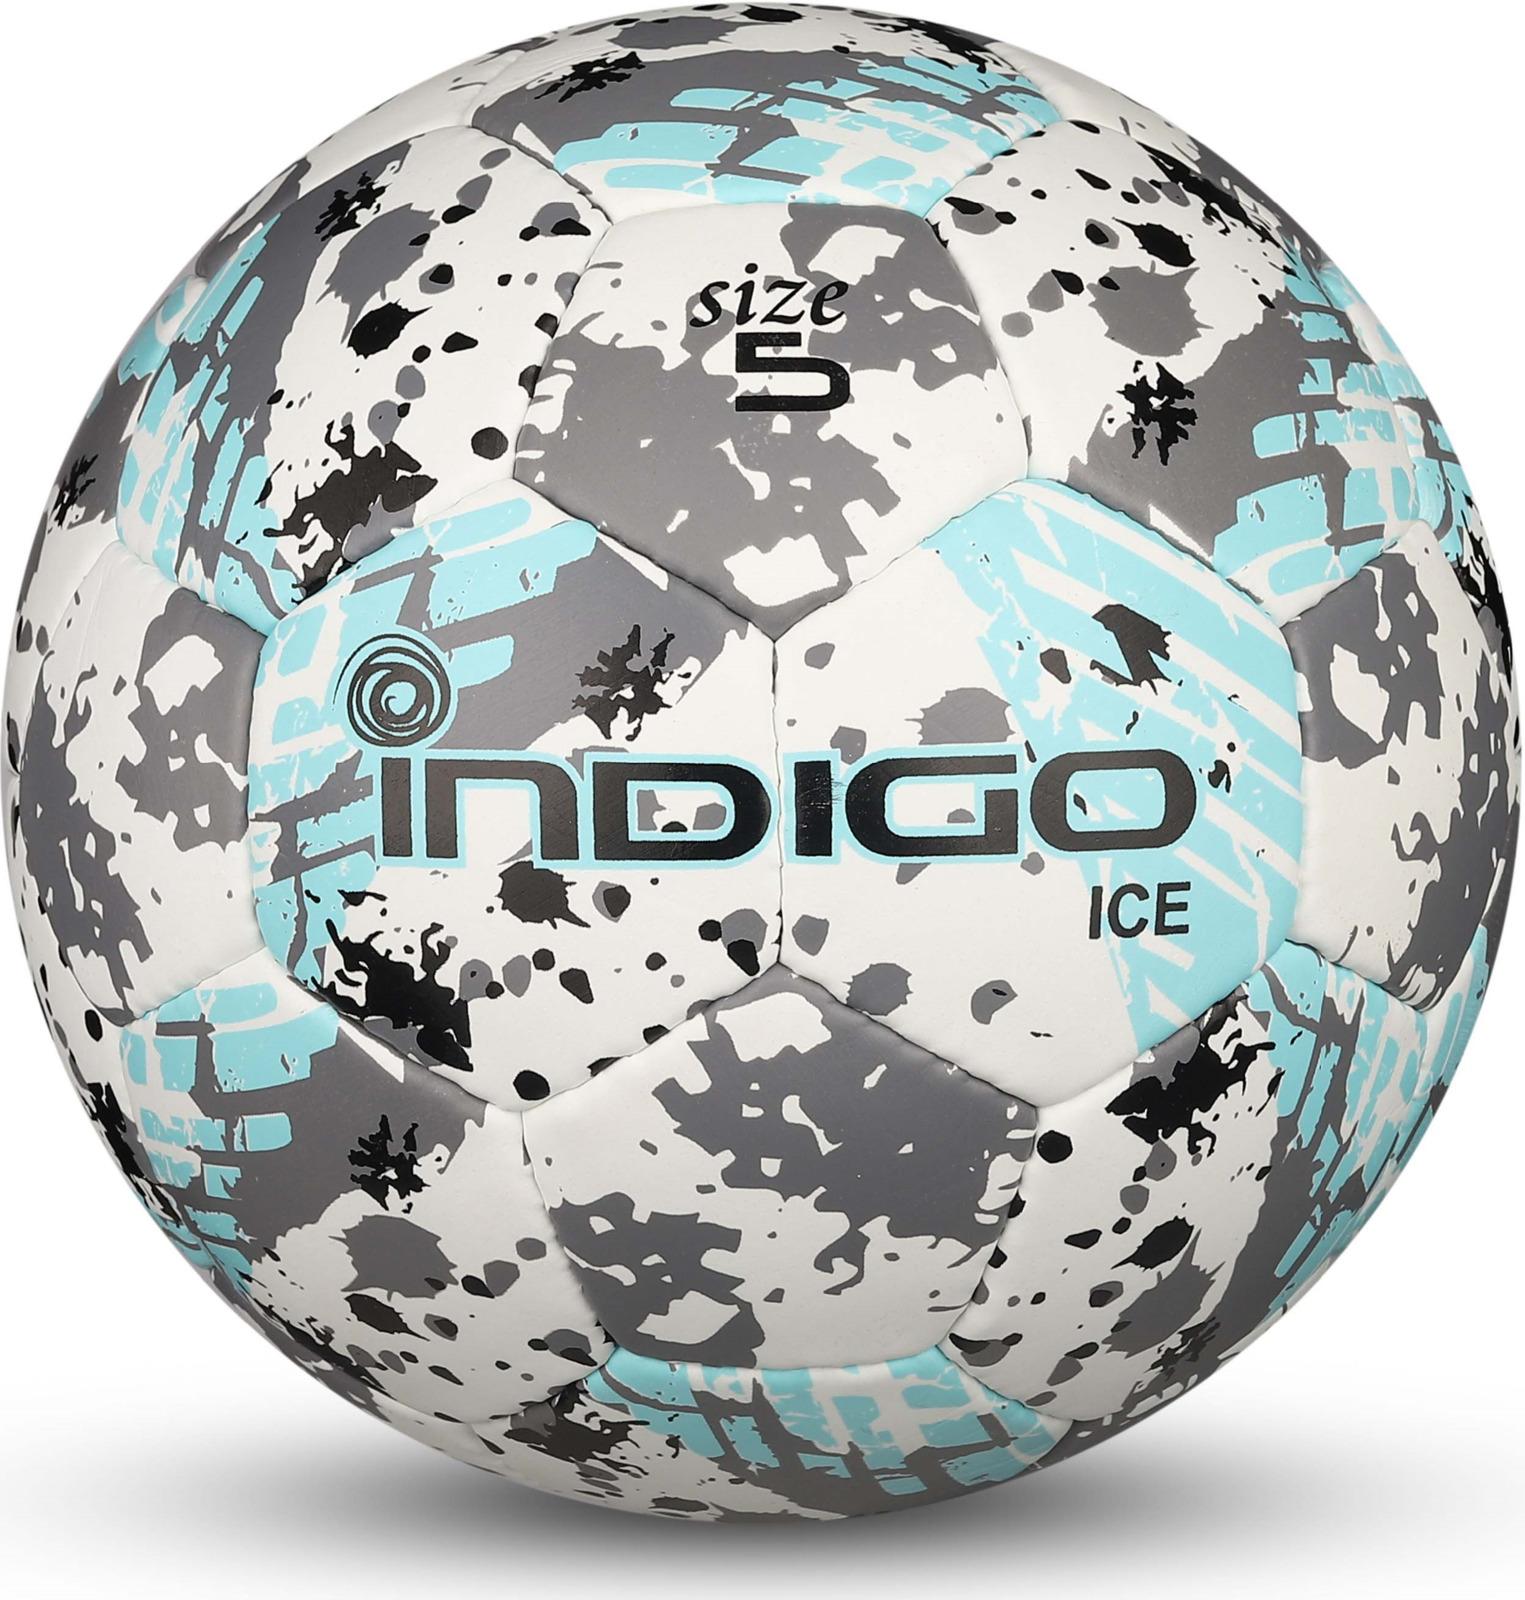 Мяч футбольный Indigo Ice, IN027, белый, голубой, серый, размер 5 мяч футбольный indigo rain in031 белый синий желтый размер 3